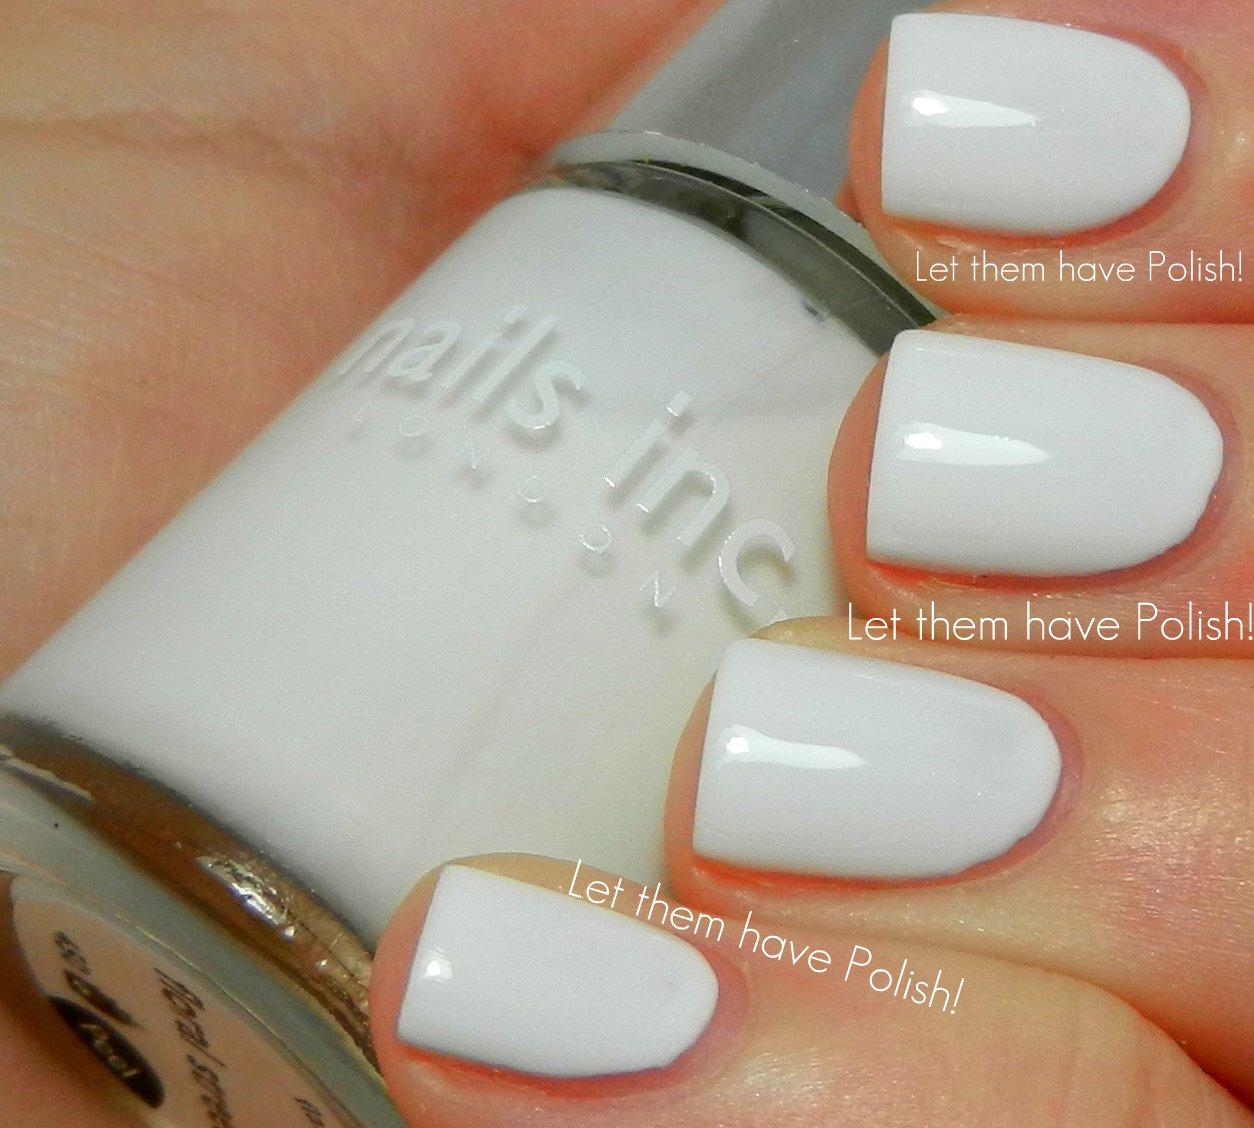 Nail Varnish Nails Inc